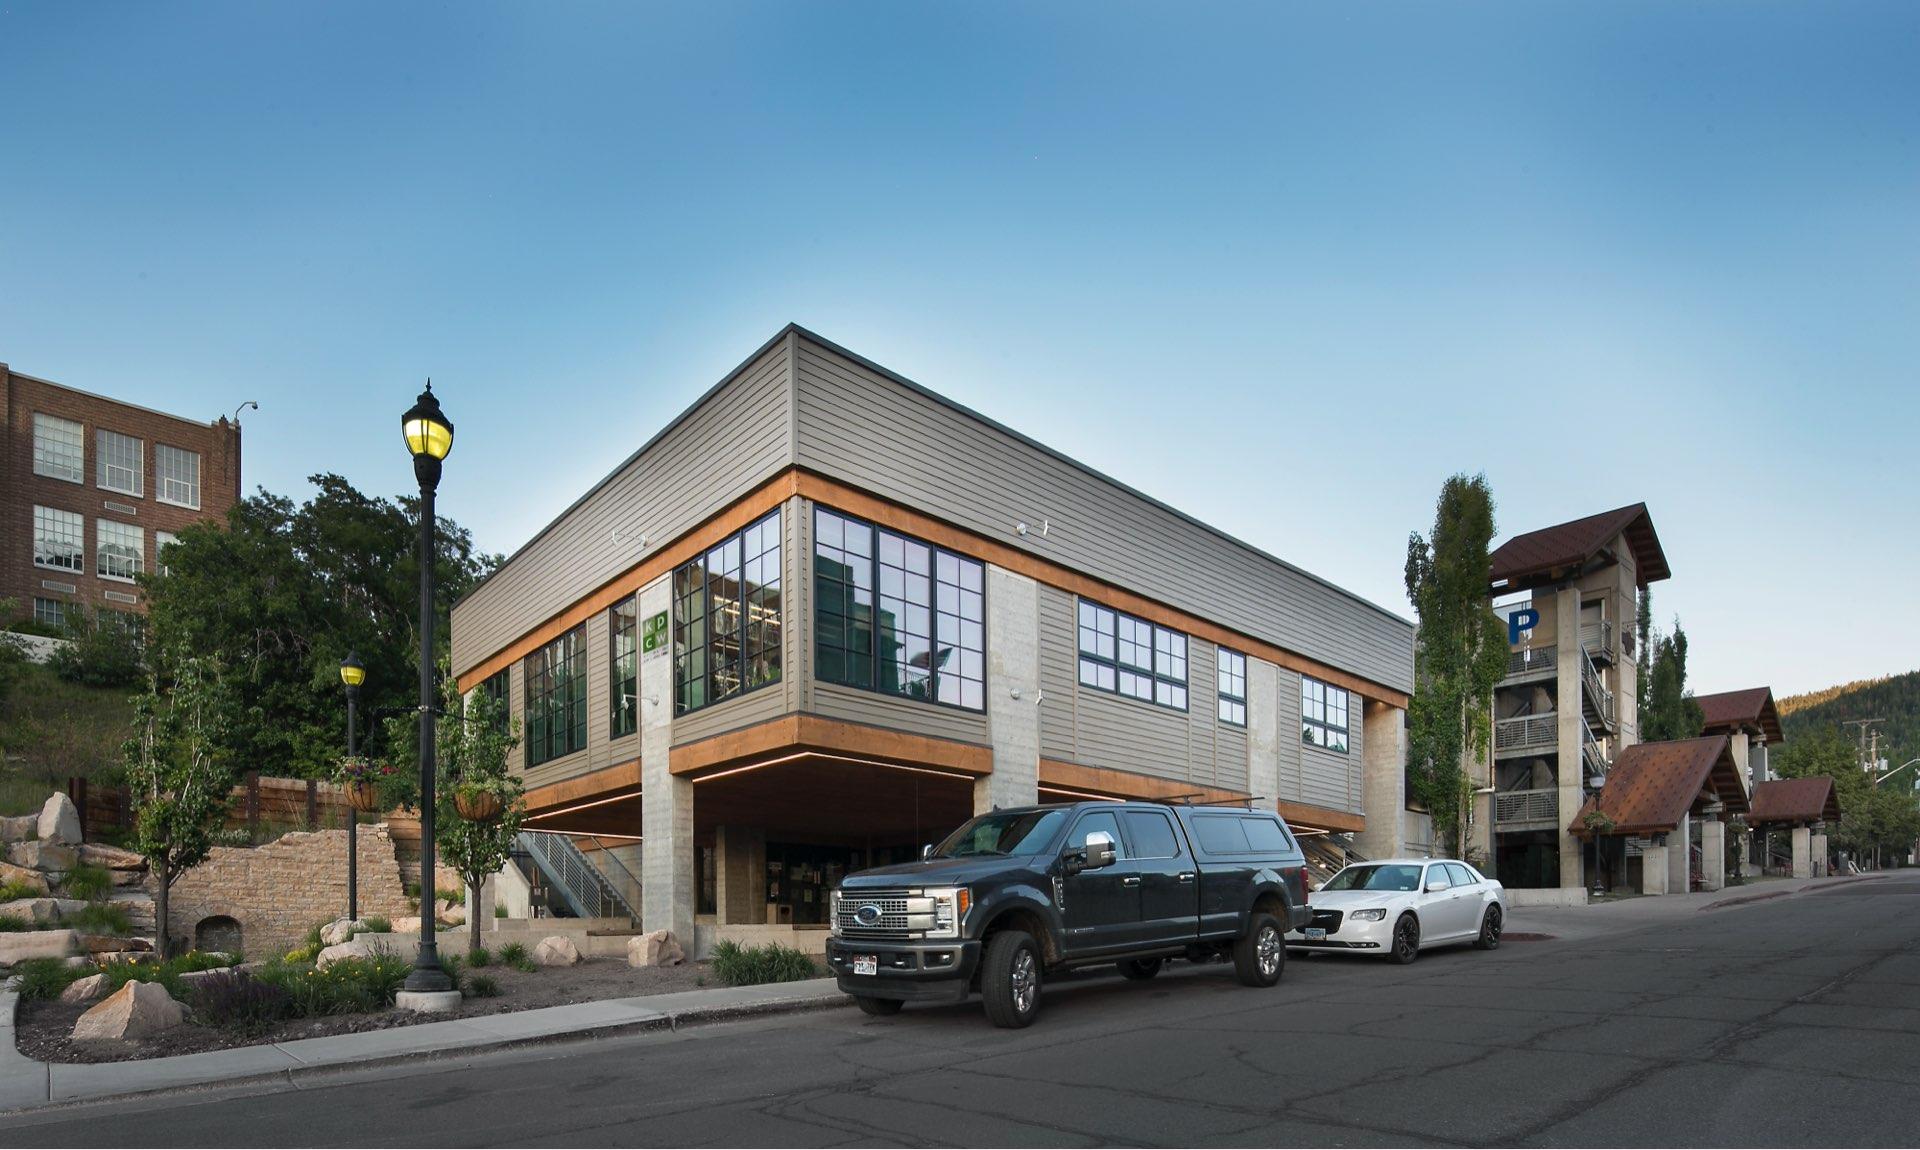 KPCW Radio, architectural design by Elliott Workgroup